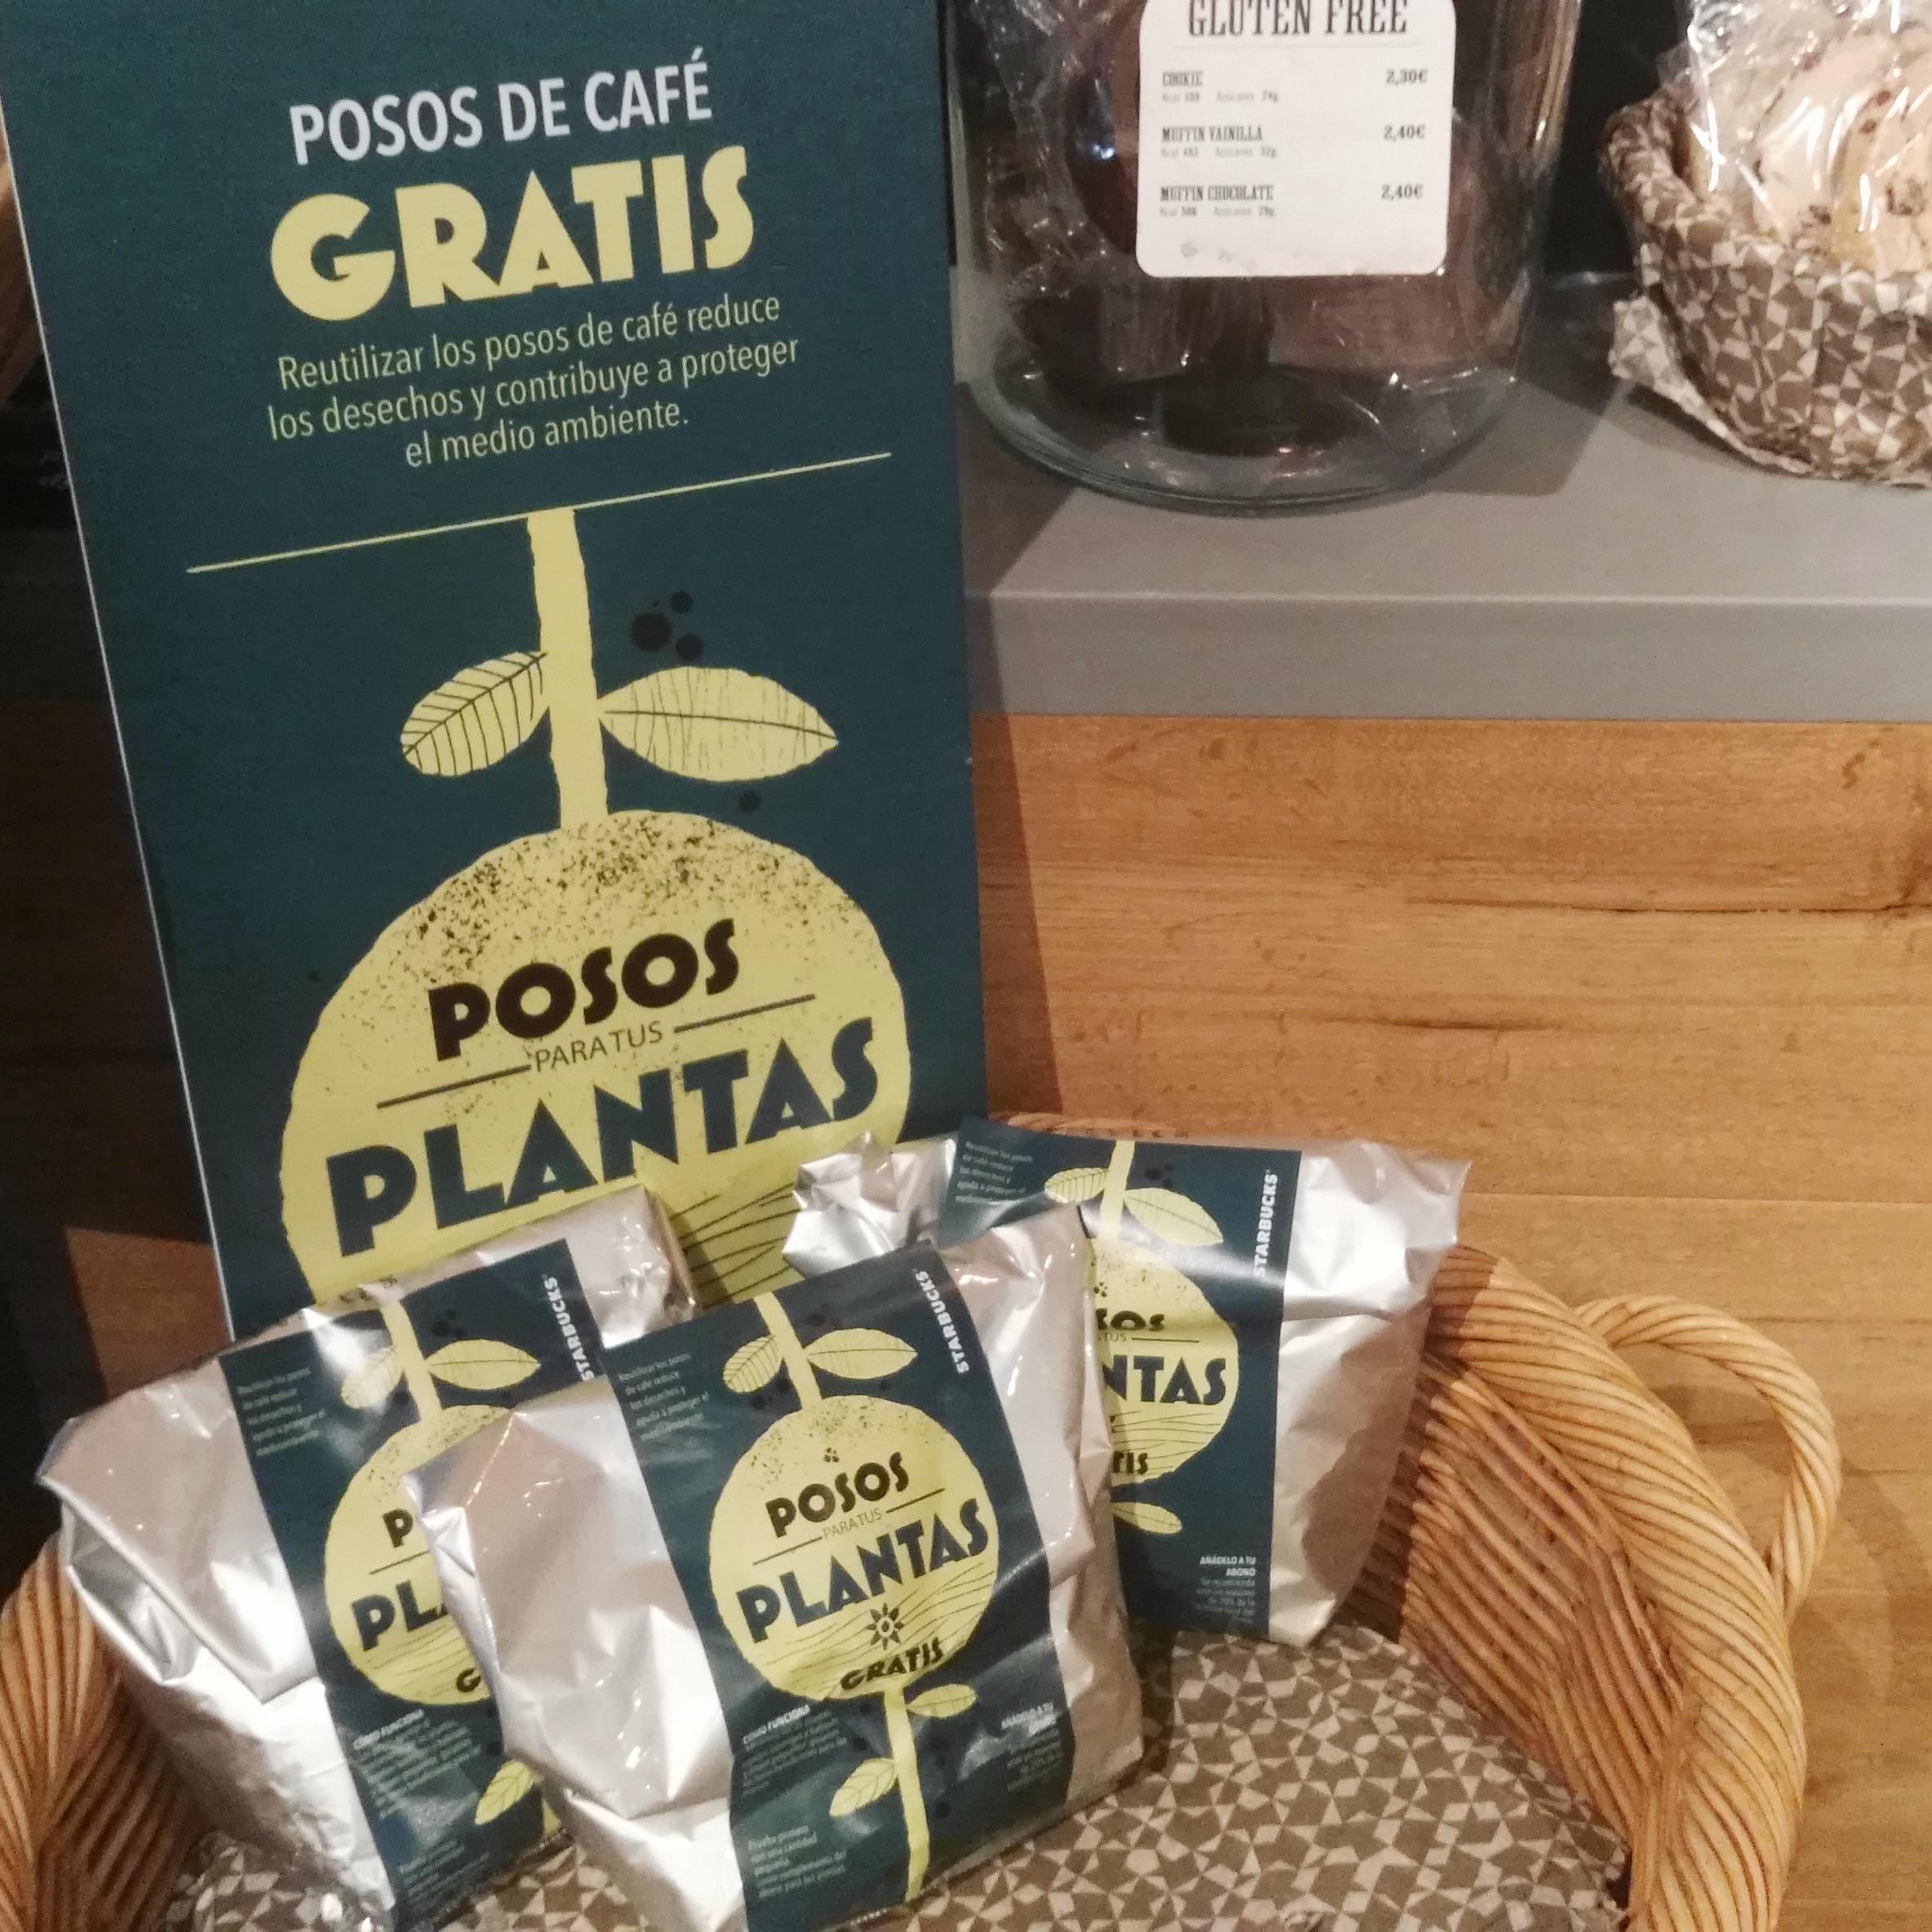 [Starbucks] Posos de café para jardinería GRATIS